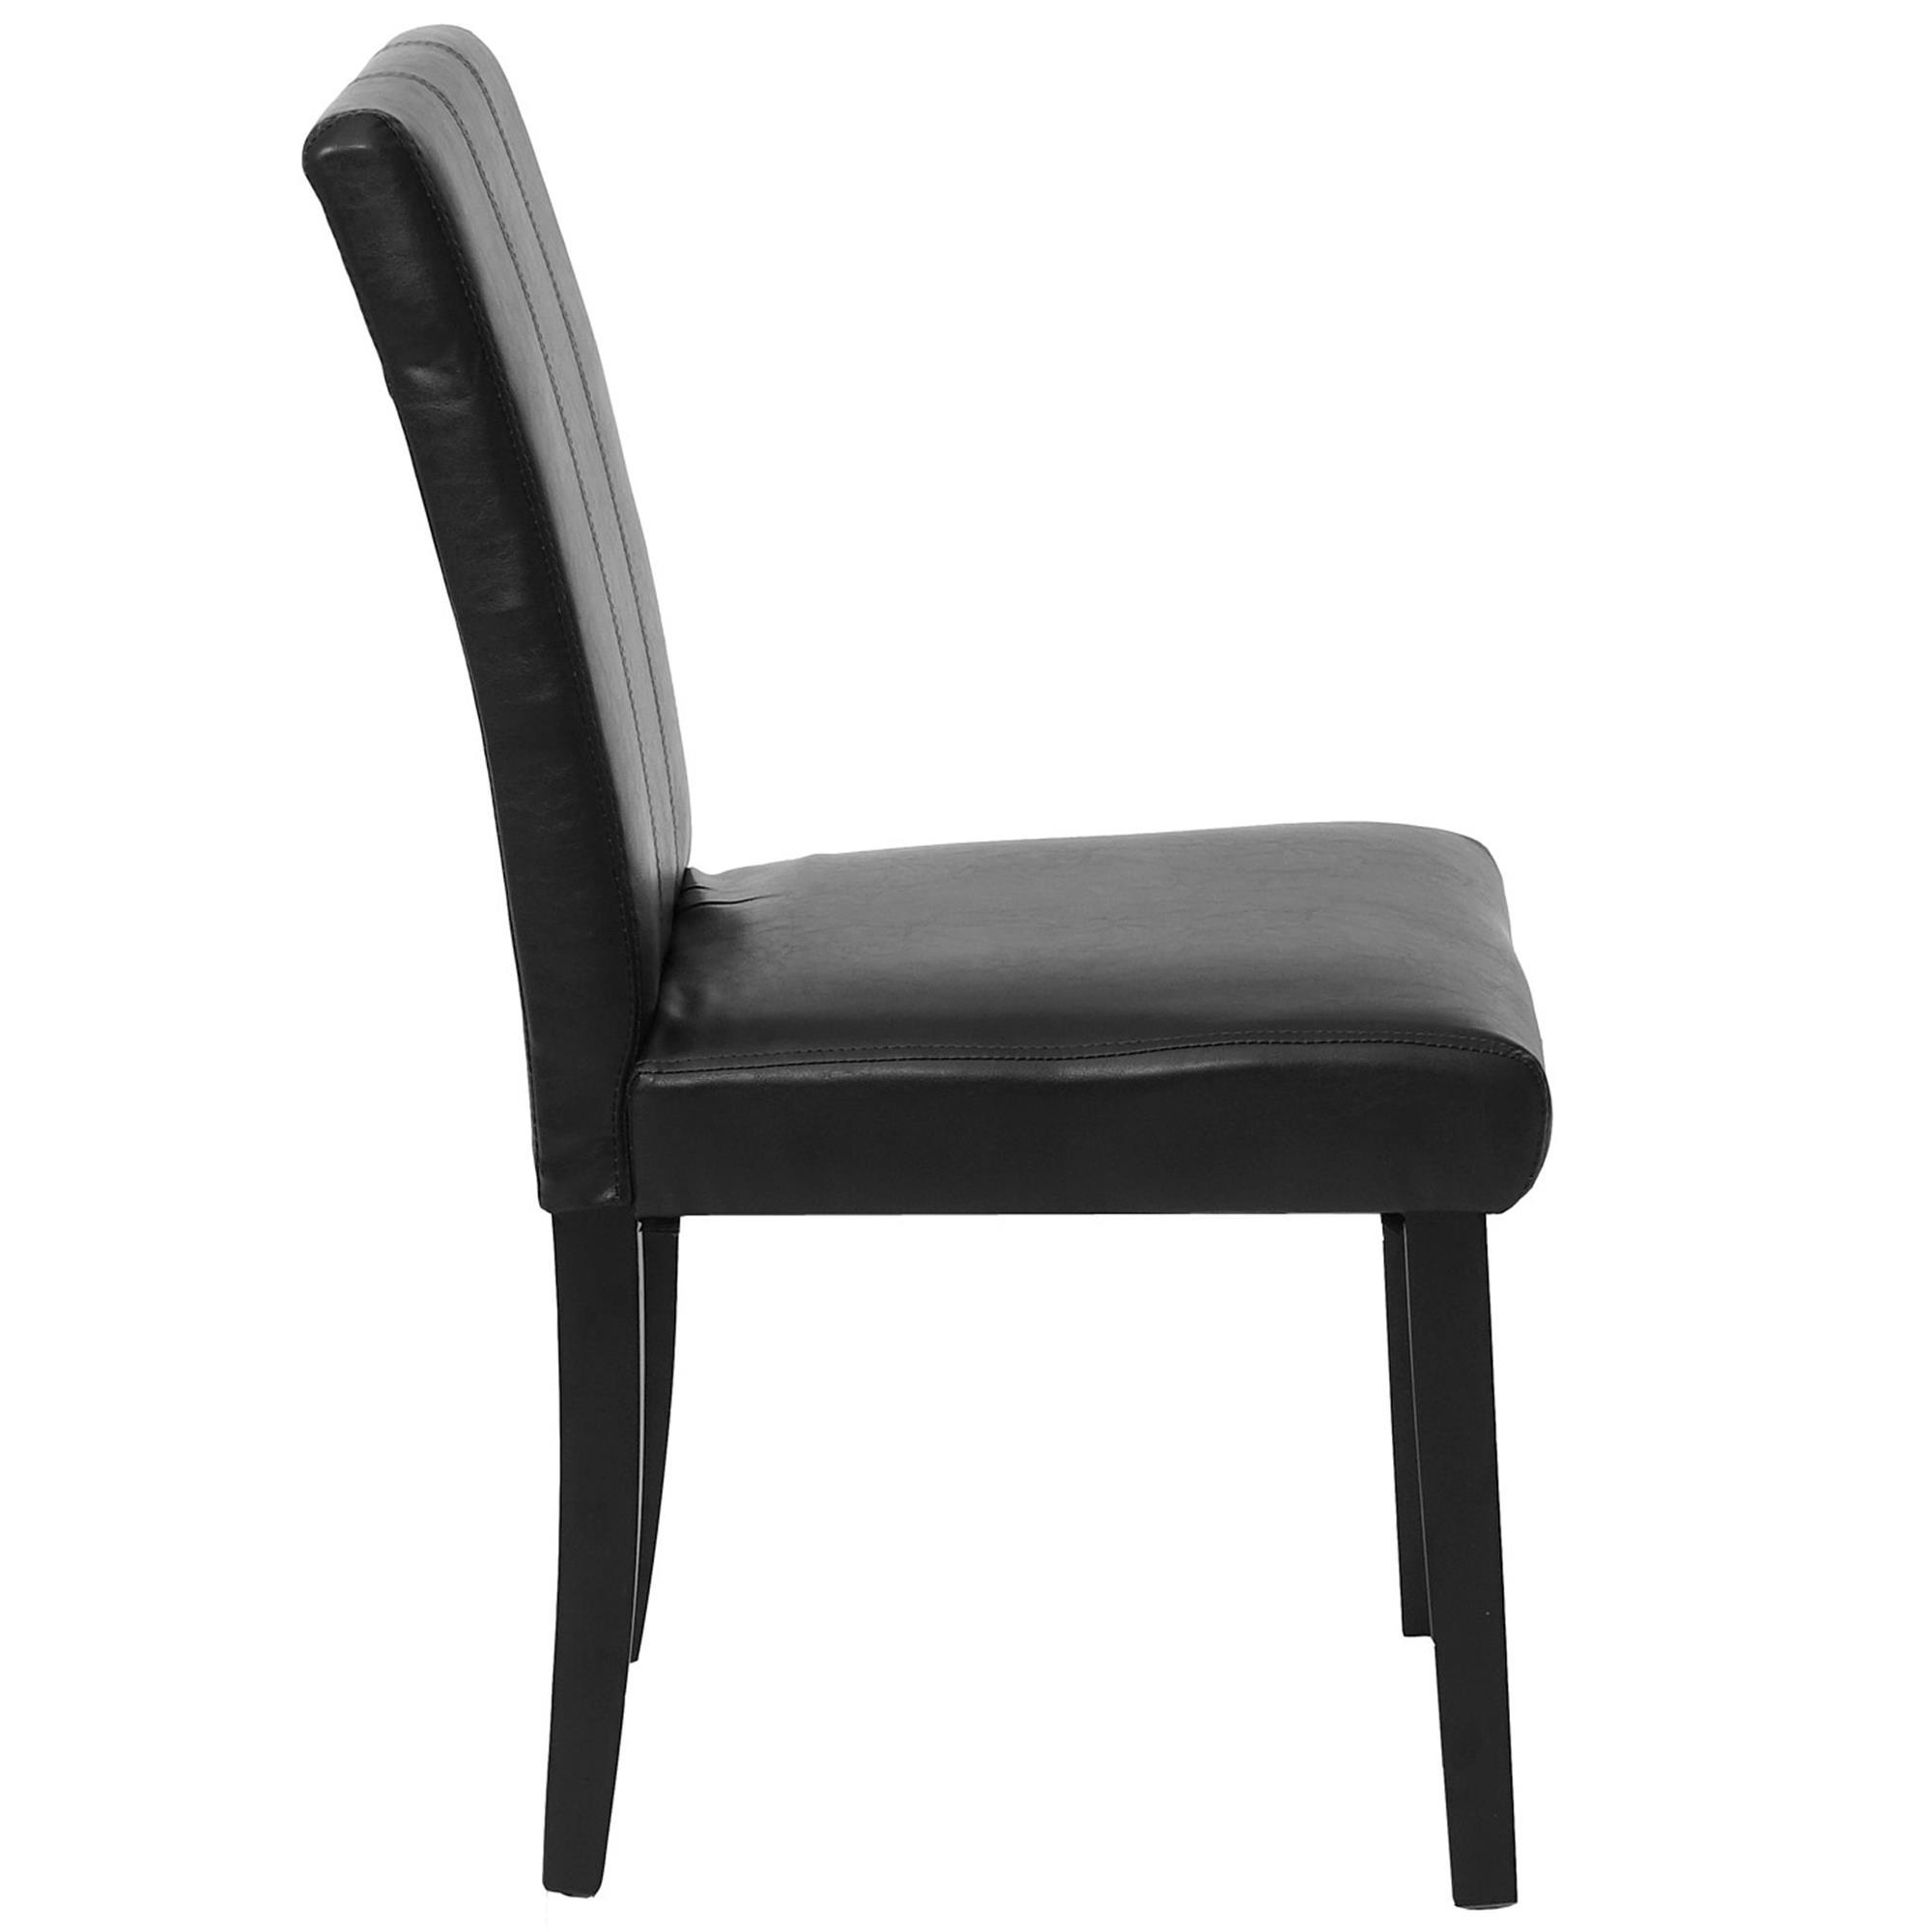 Lote 4 sillas comedor toper en piel negra con costuras lote 4 sillas de comedor toper piel - Sillas comedor piel ...